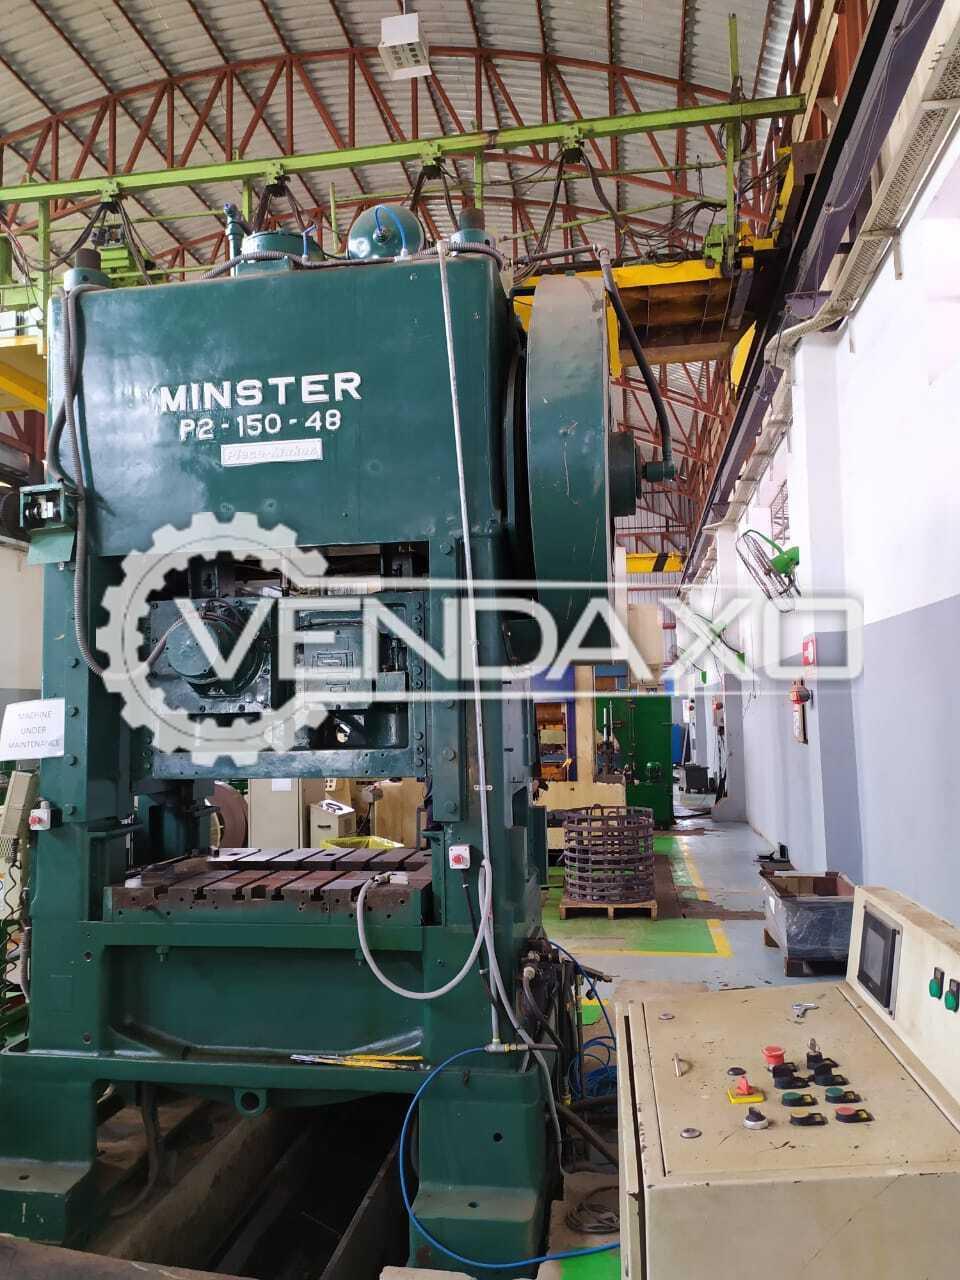 Minster P2-150 High Speed Stamping Press - 150 Ton